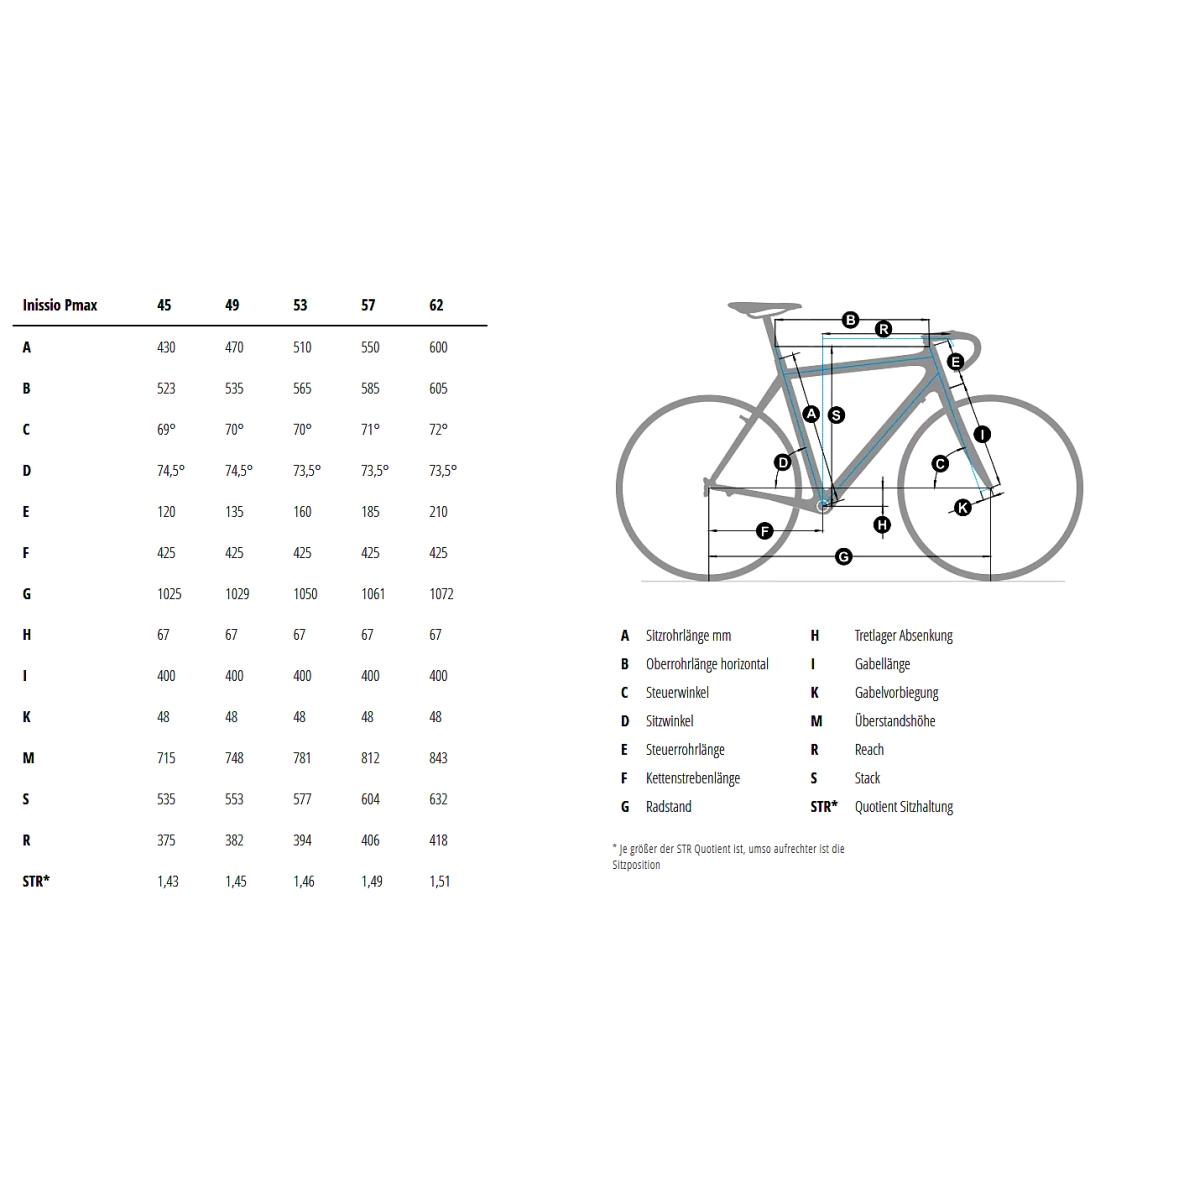 Bild von Simplon INISSIO Pmax GRX 600 - Gravel E-Bike - 2021 - shady grey matt / black glossy